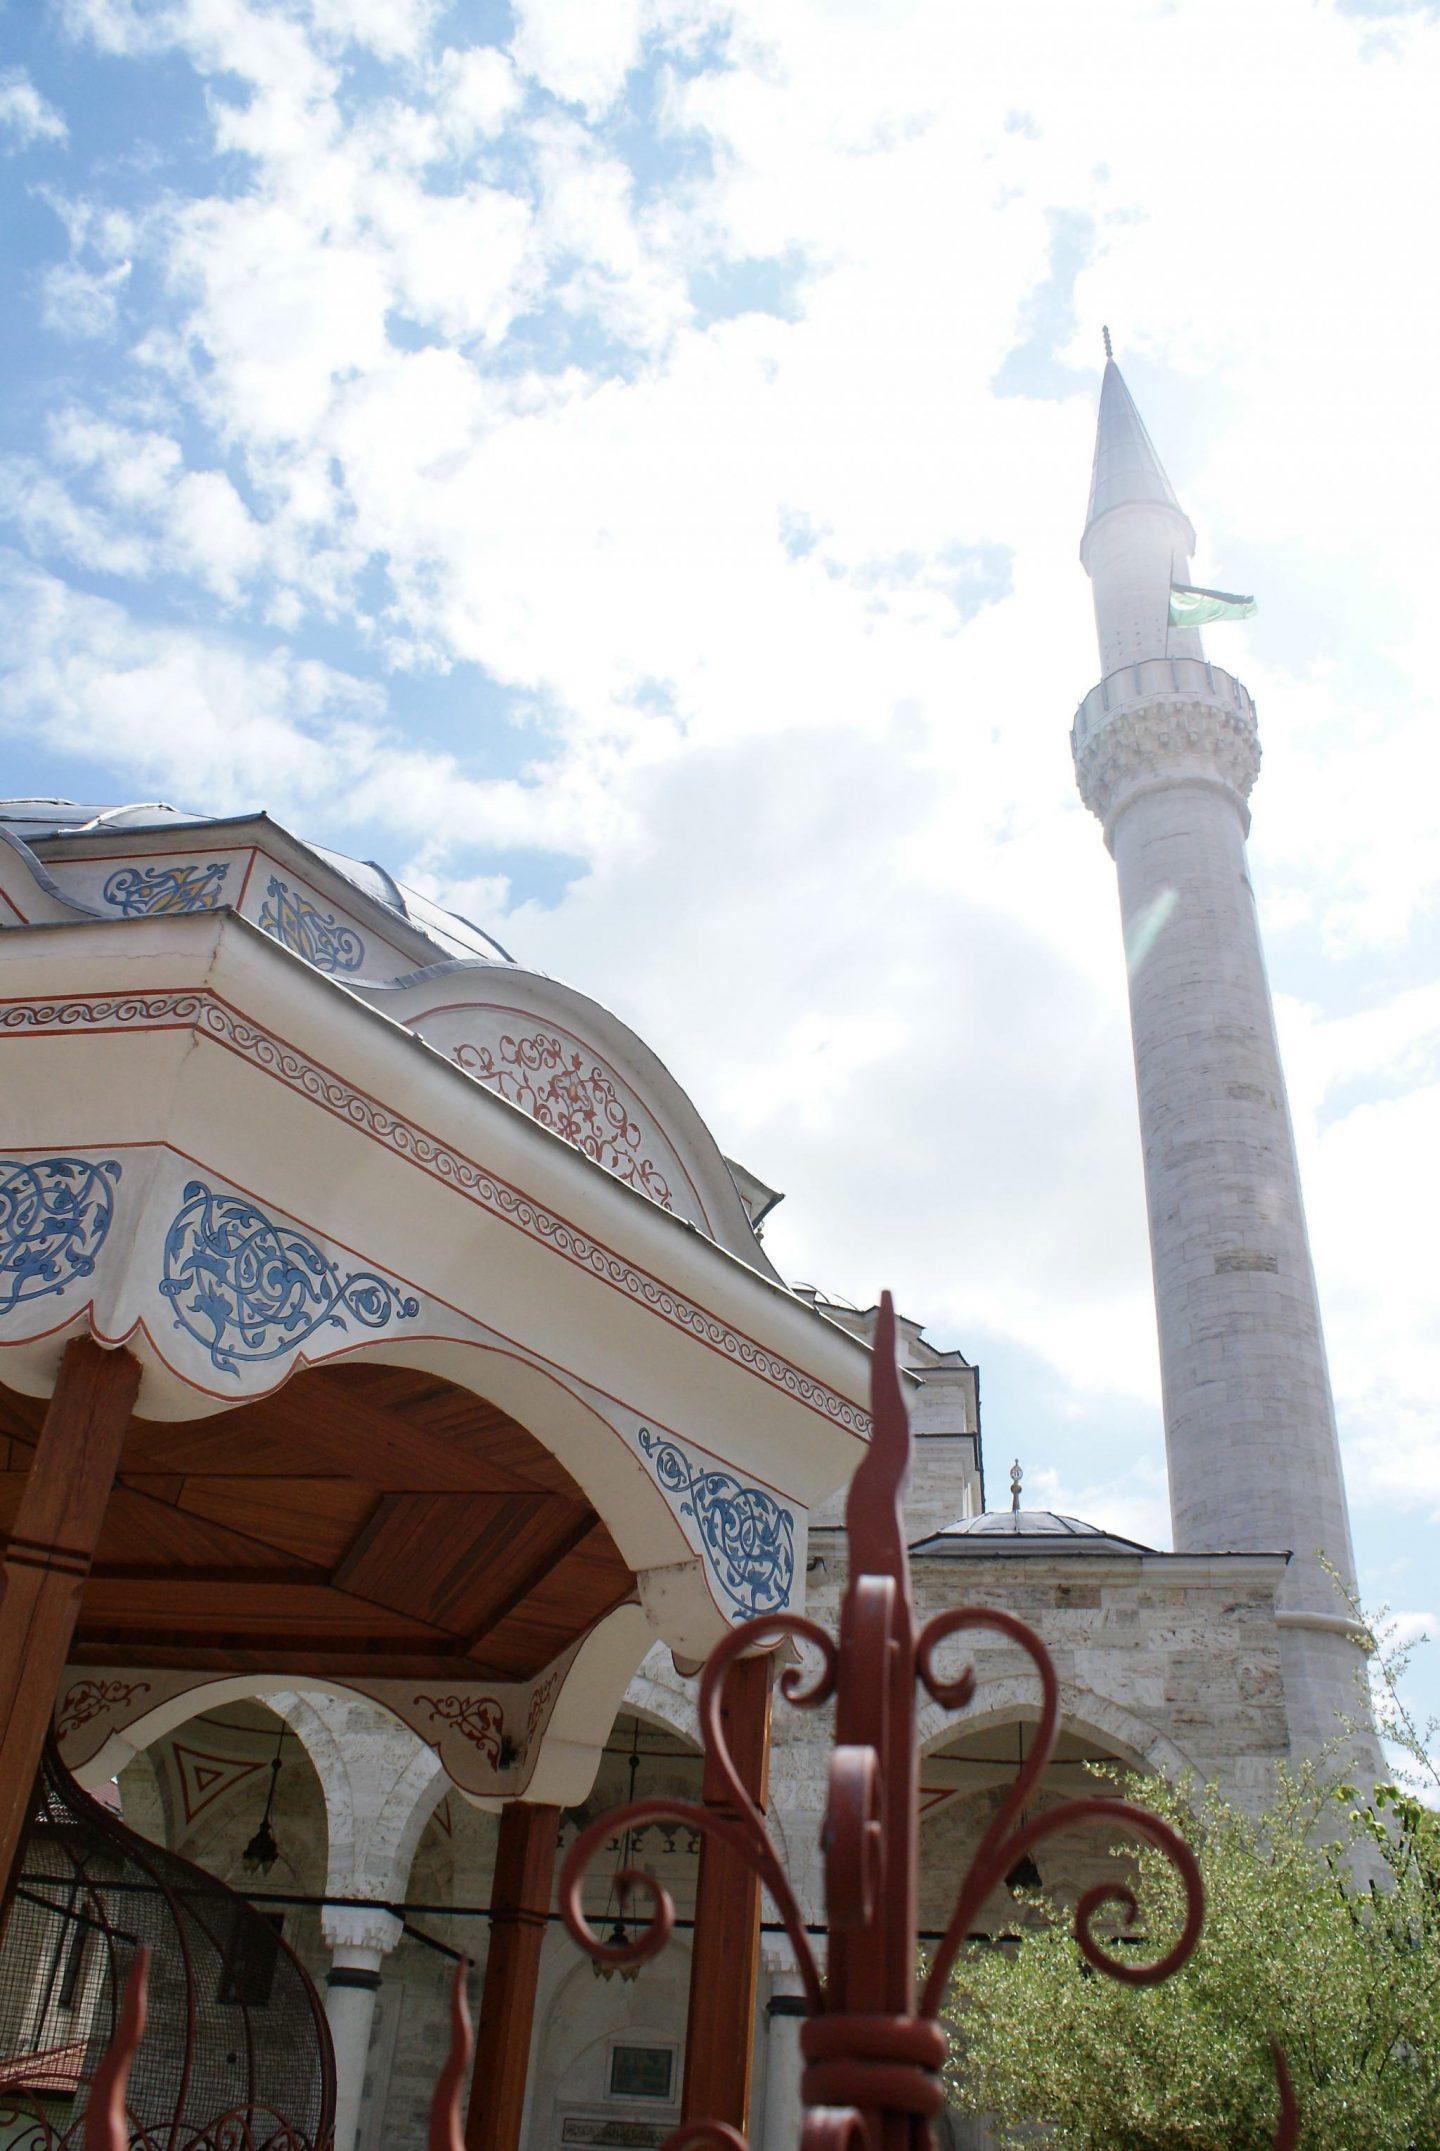 džamija Banja Luka © According to Kristina